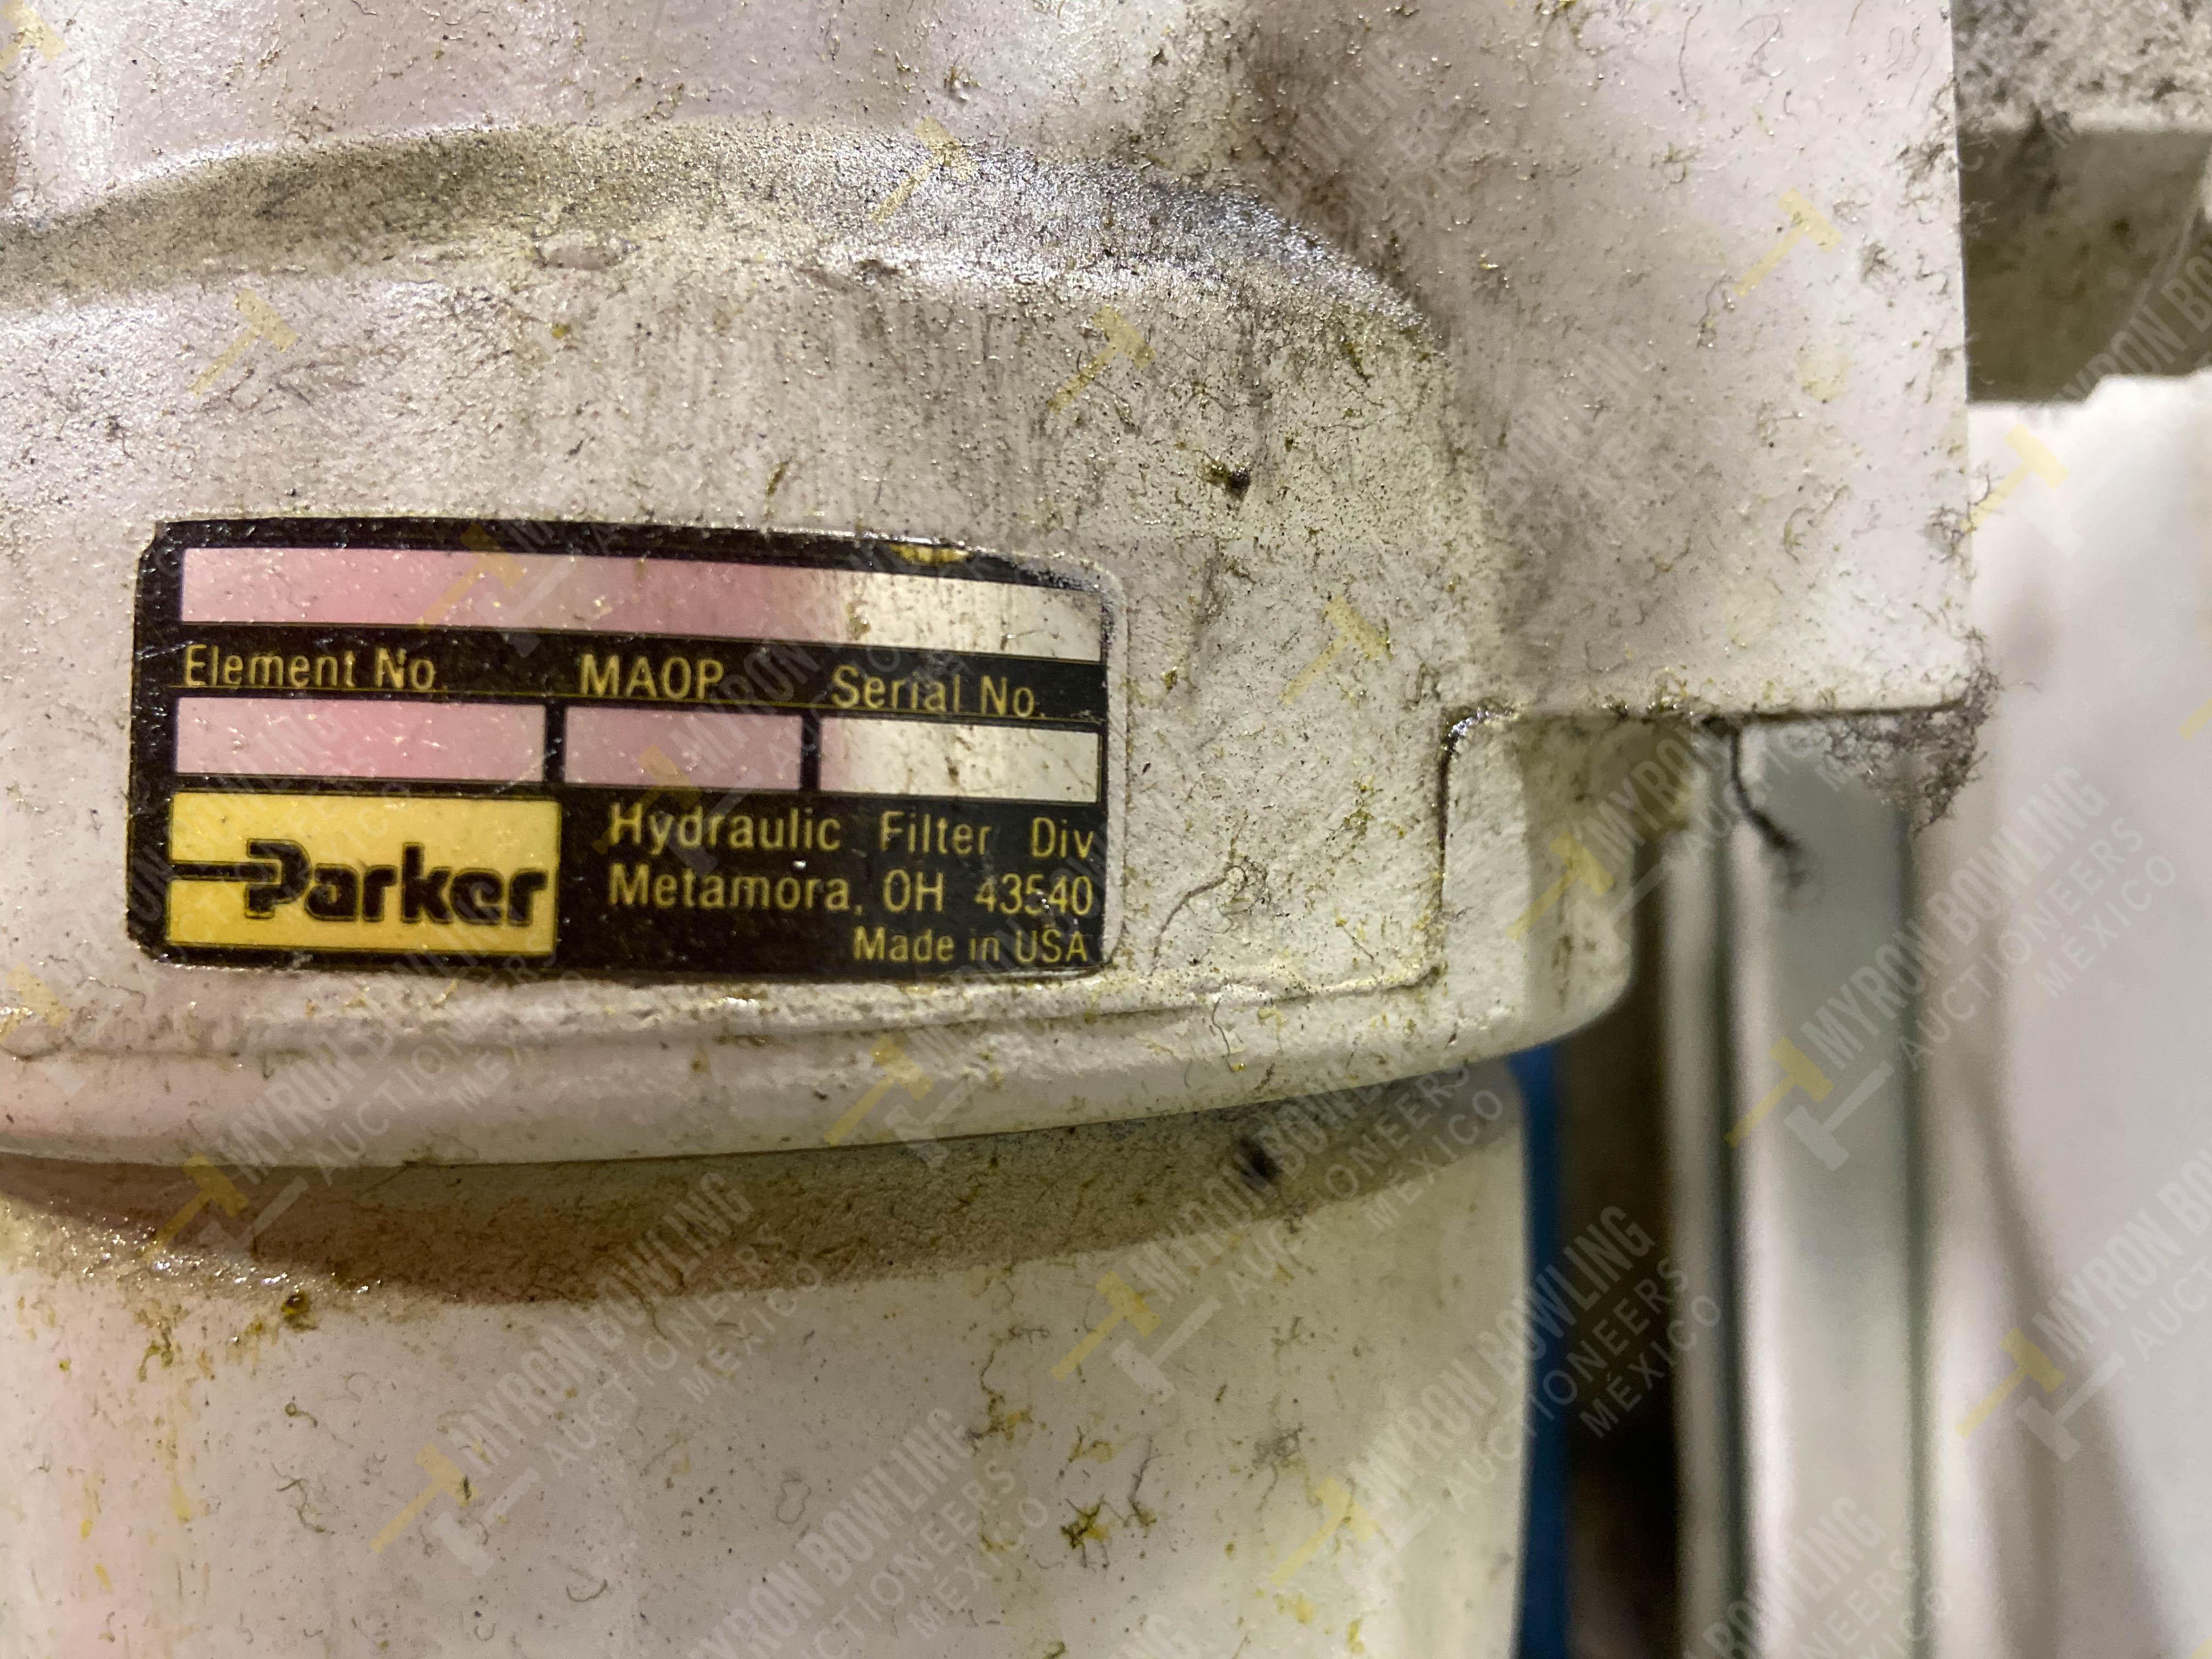 Bomba de aceite y filtros para el llenado de housings en lote 30 y 31. - Image 29 of 30